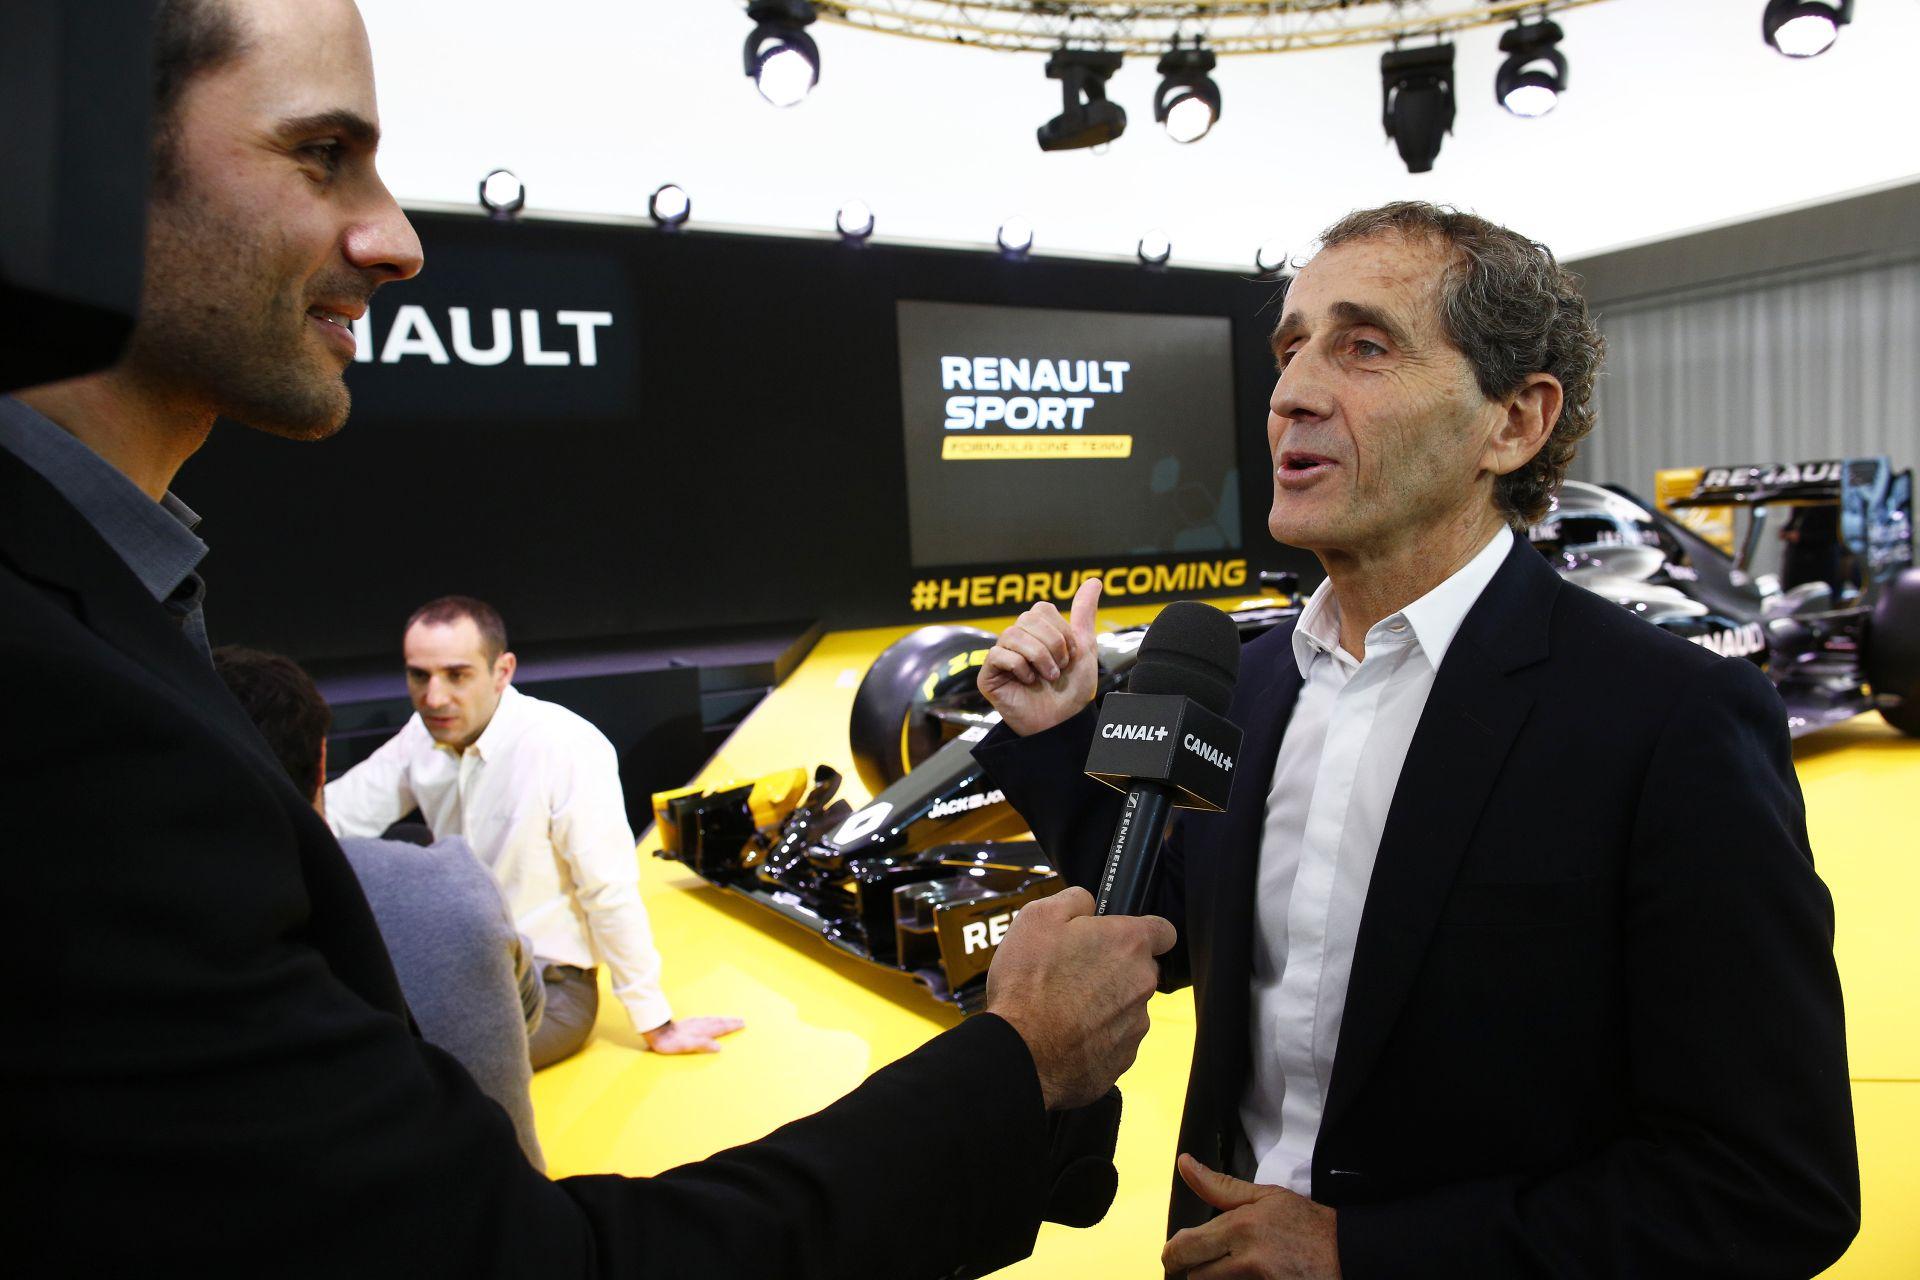 Türelmesnek kell lenni a Renault-val szemben, 9 évre szól a terv